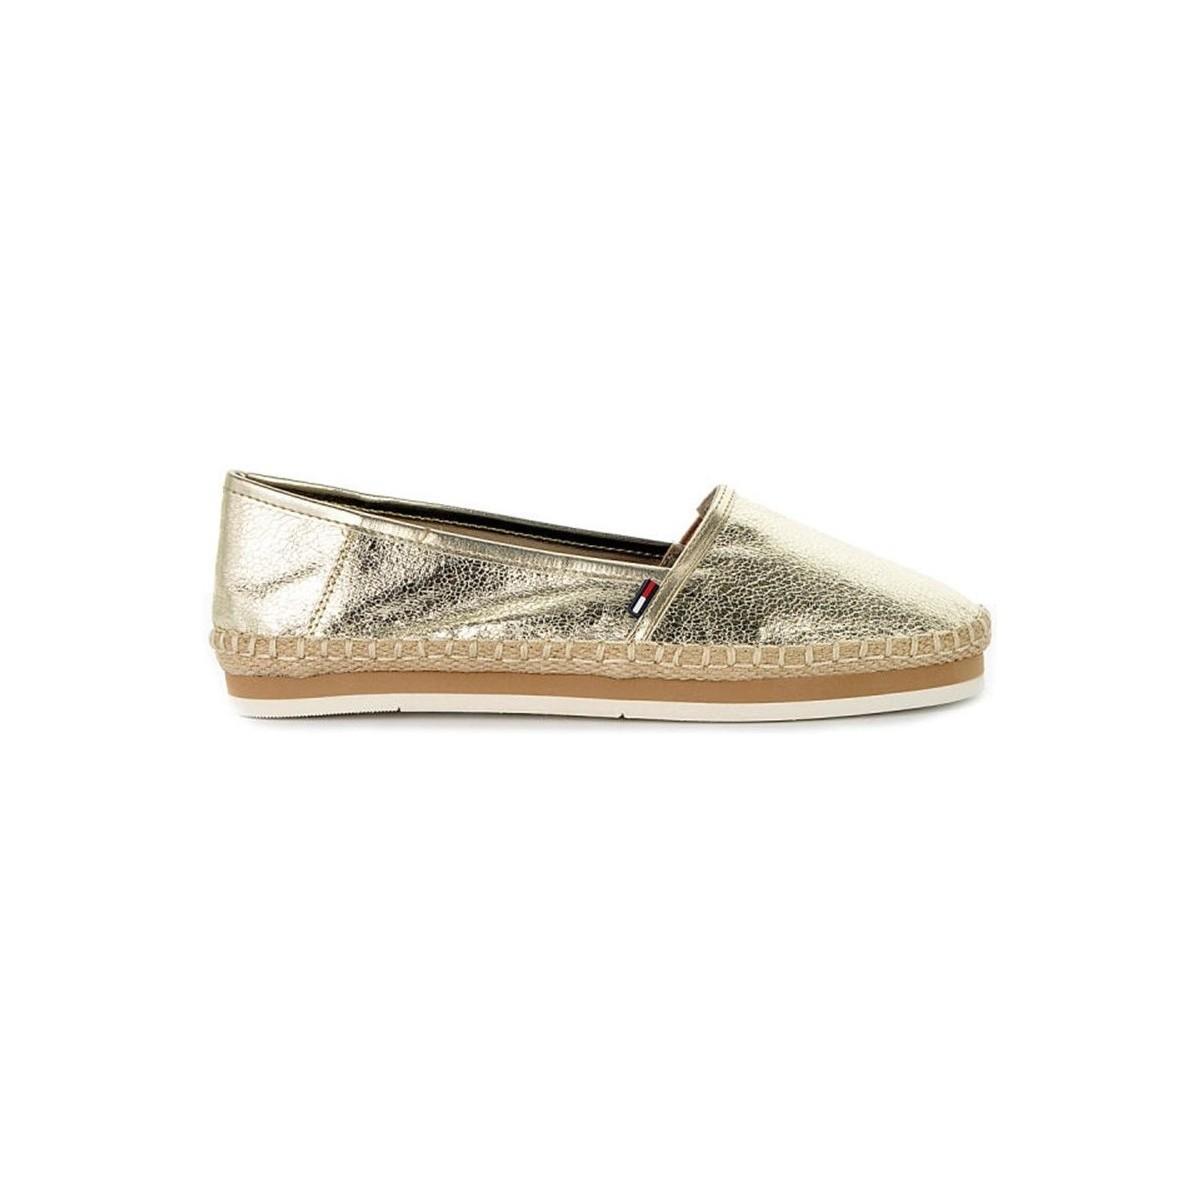 d784e94104599 Tommy Hilfiger Espadryle Spy 1z Women's Espadrilles / Casual Shoes ...